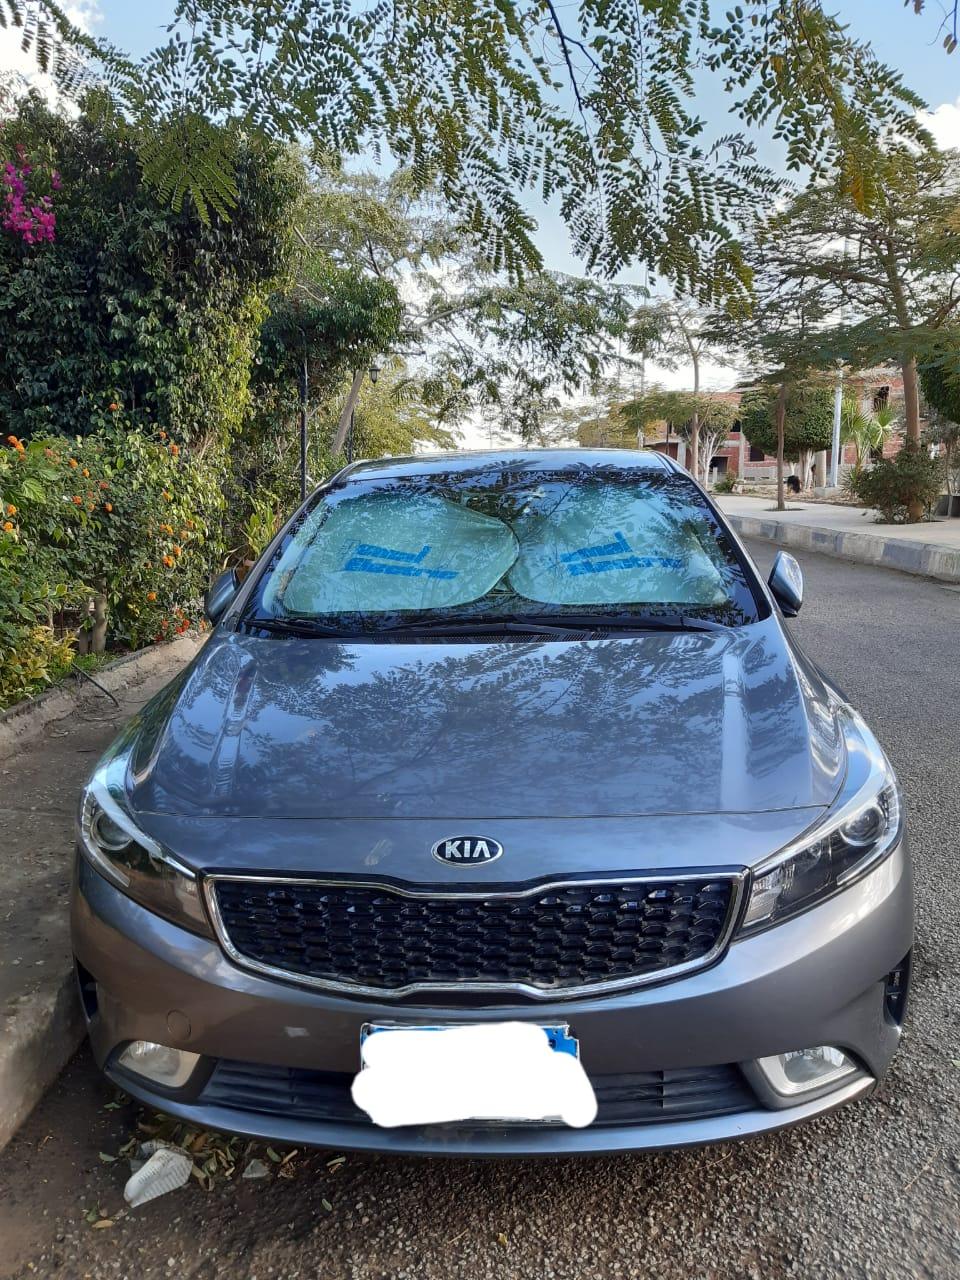 بيع سيارة كيا سيراتو موديل 2017